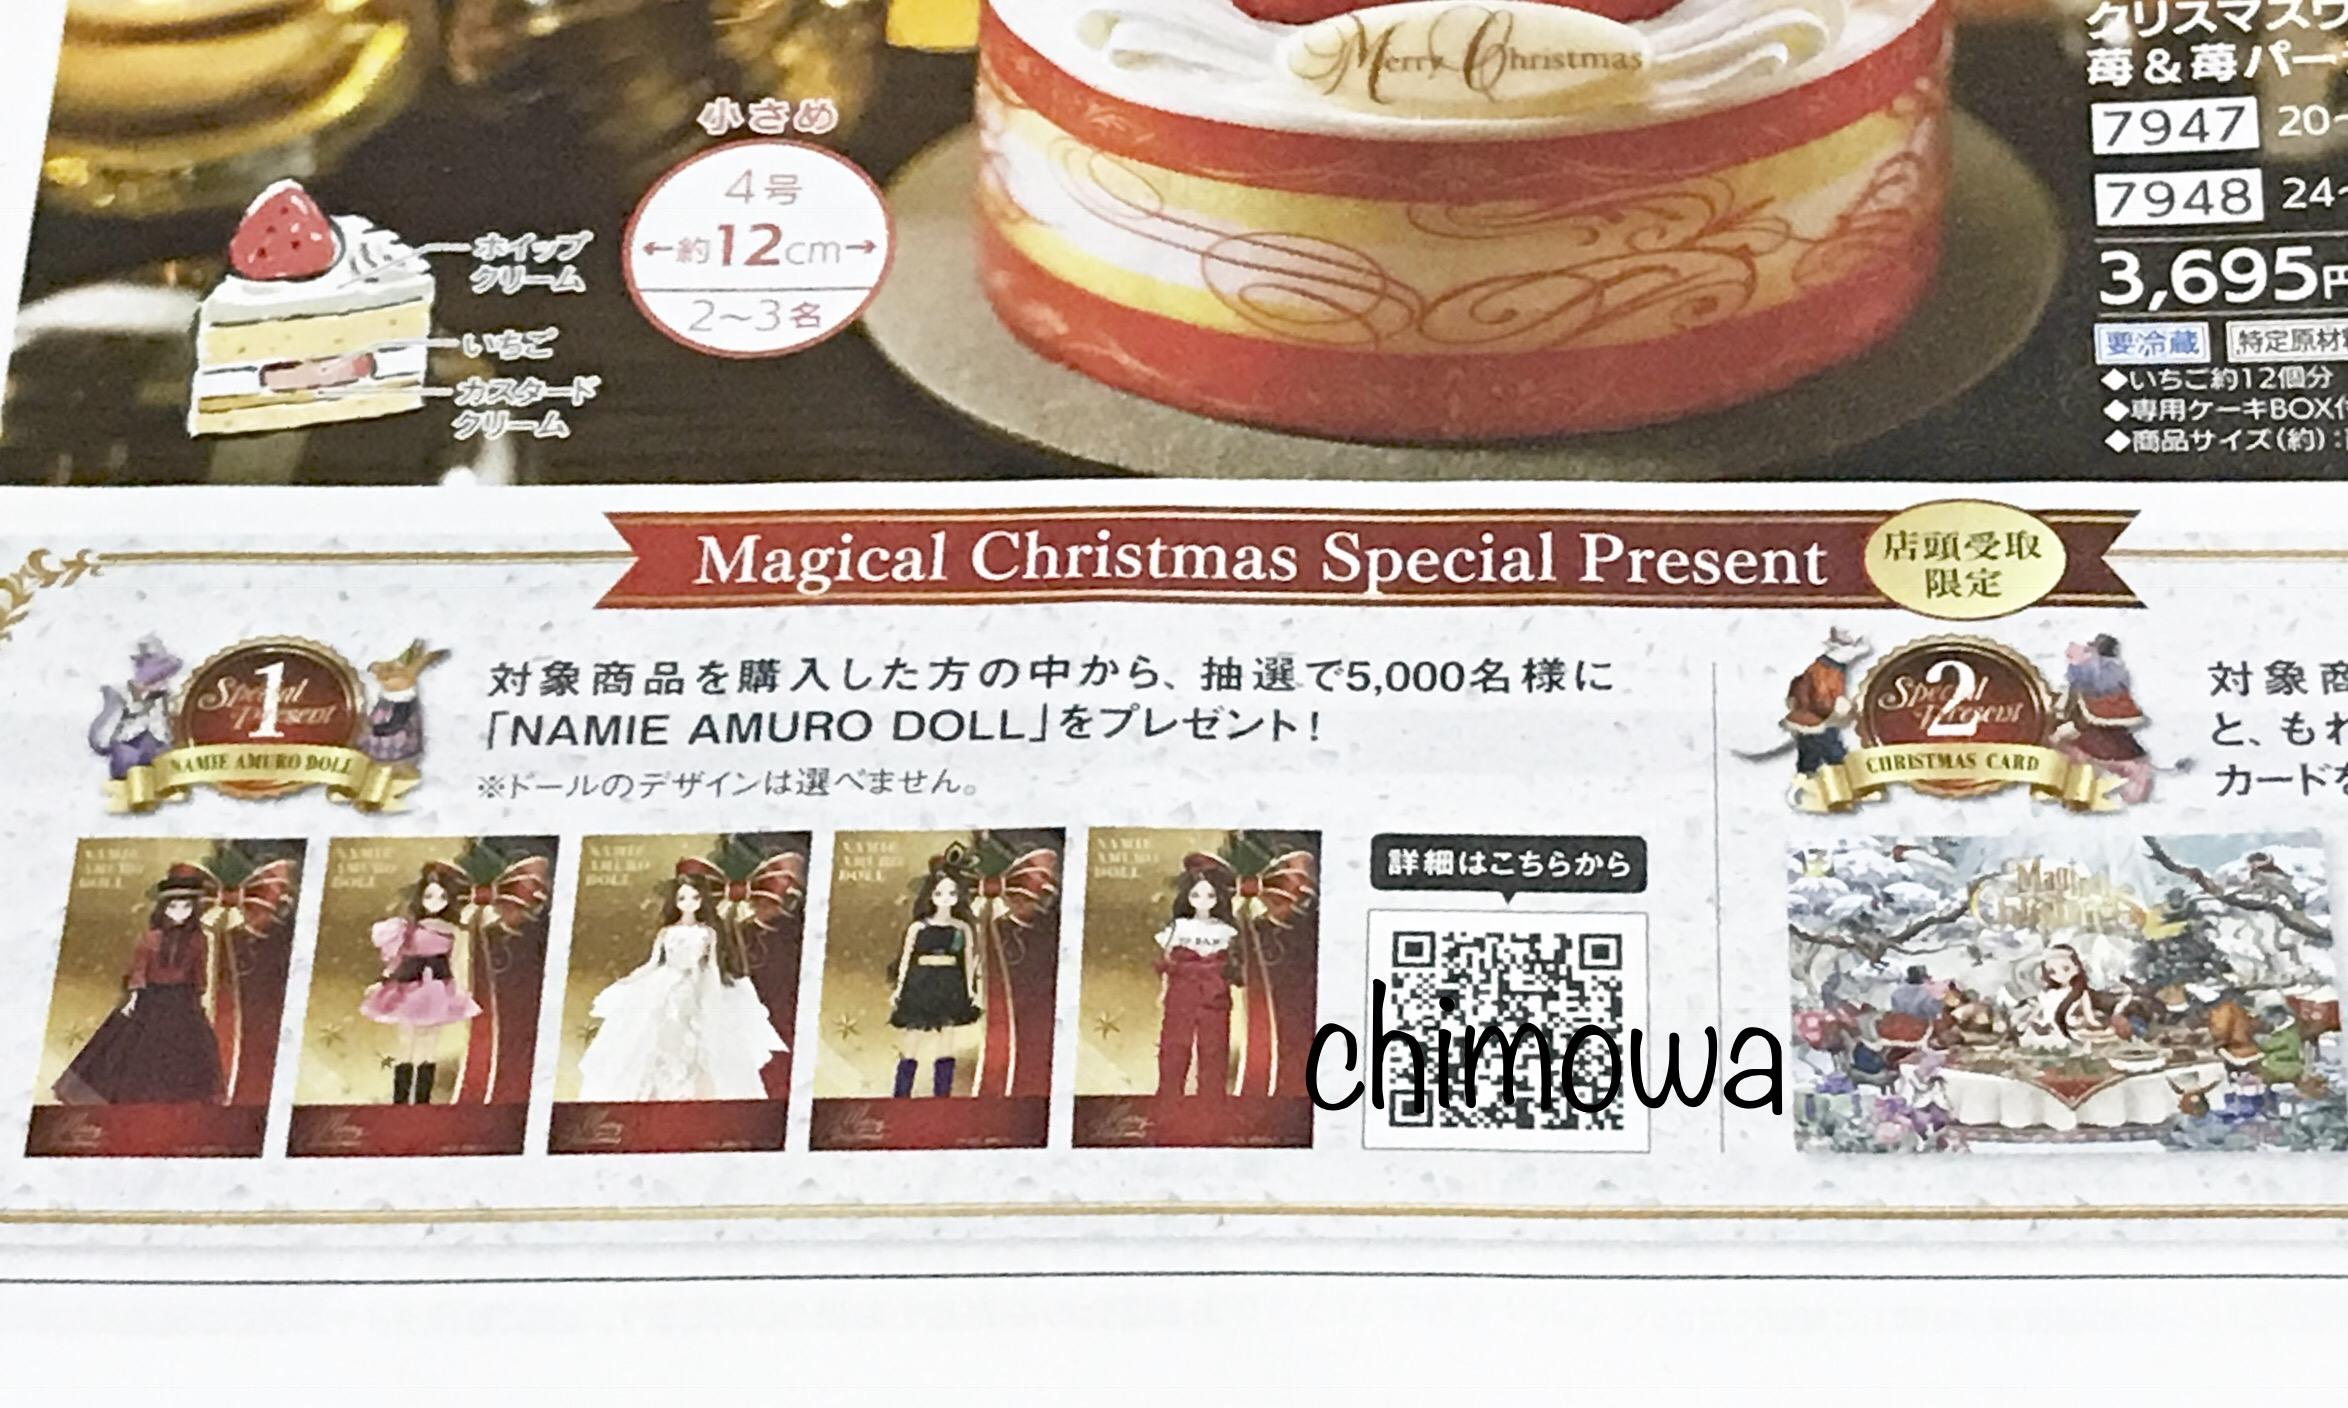 セブンミールカタログよりセブン-イレブンのクリスマス「NAMIE AMURO DOLL」プレゼントの写真